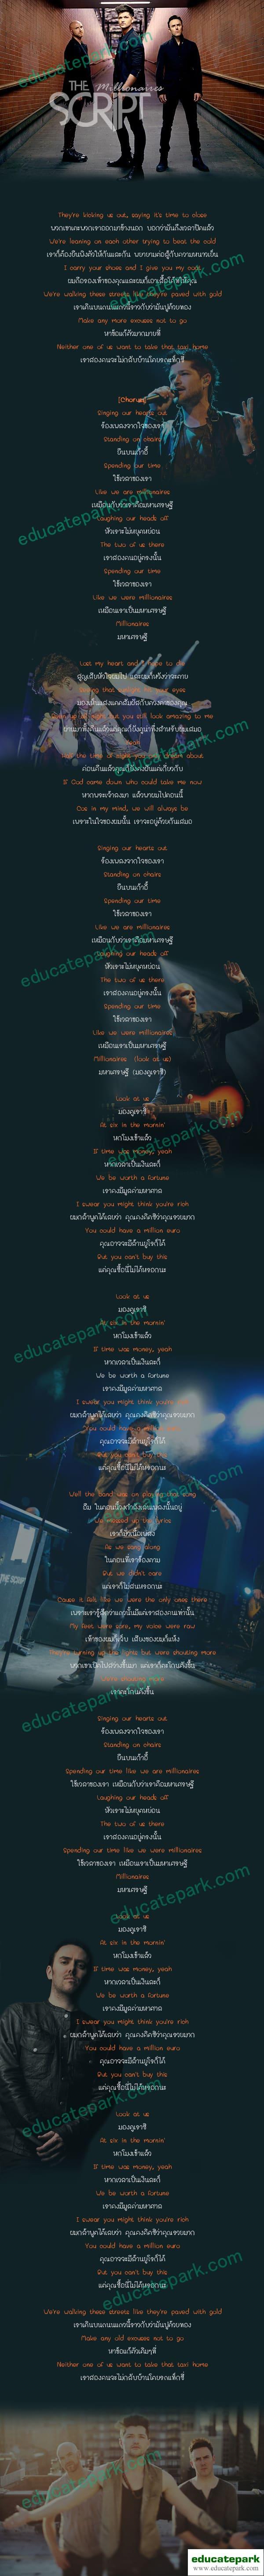 แปลเพลง Millionaires - The Script